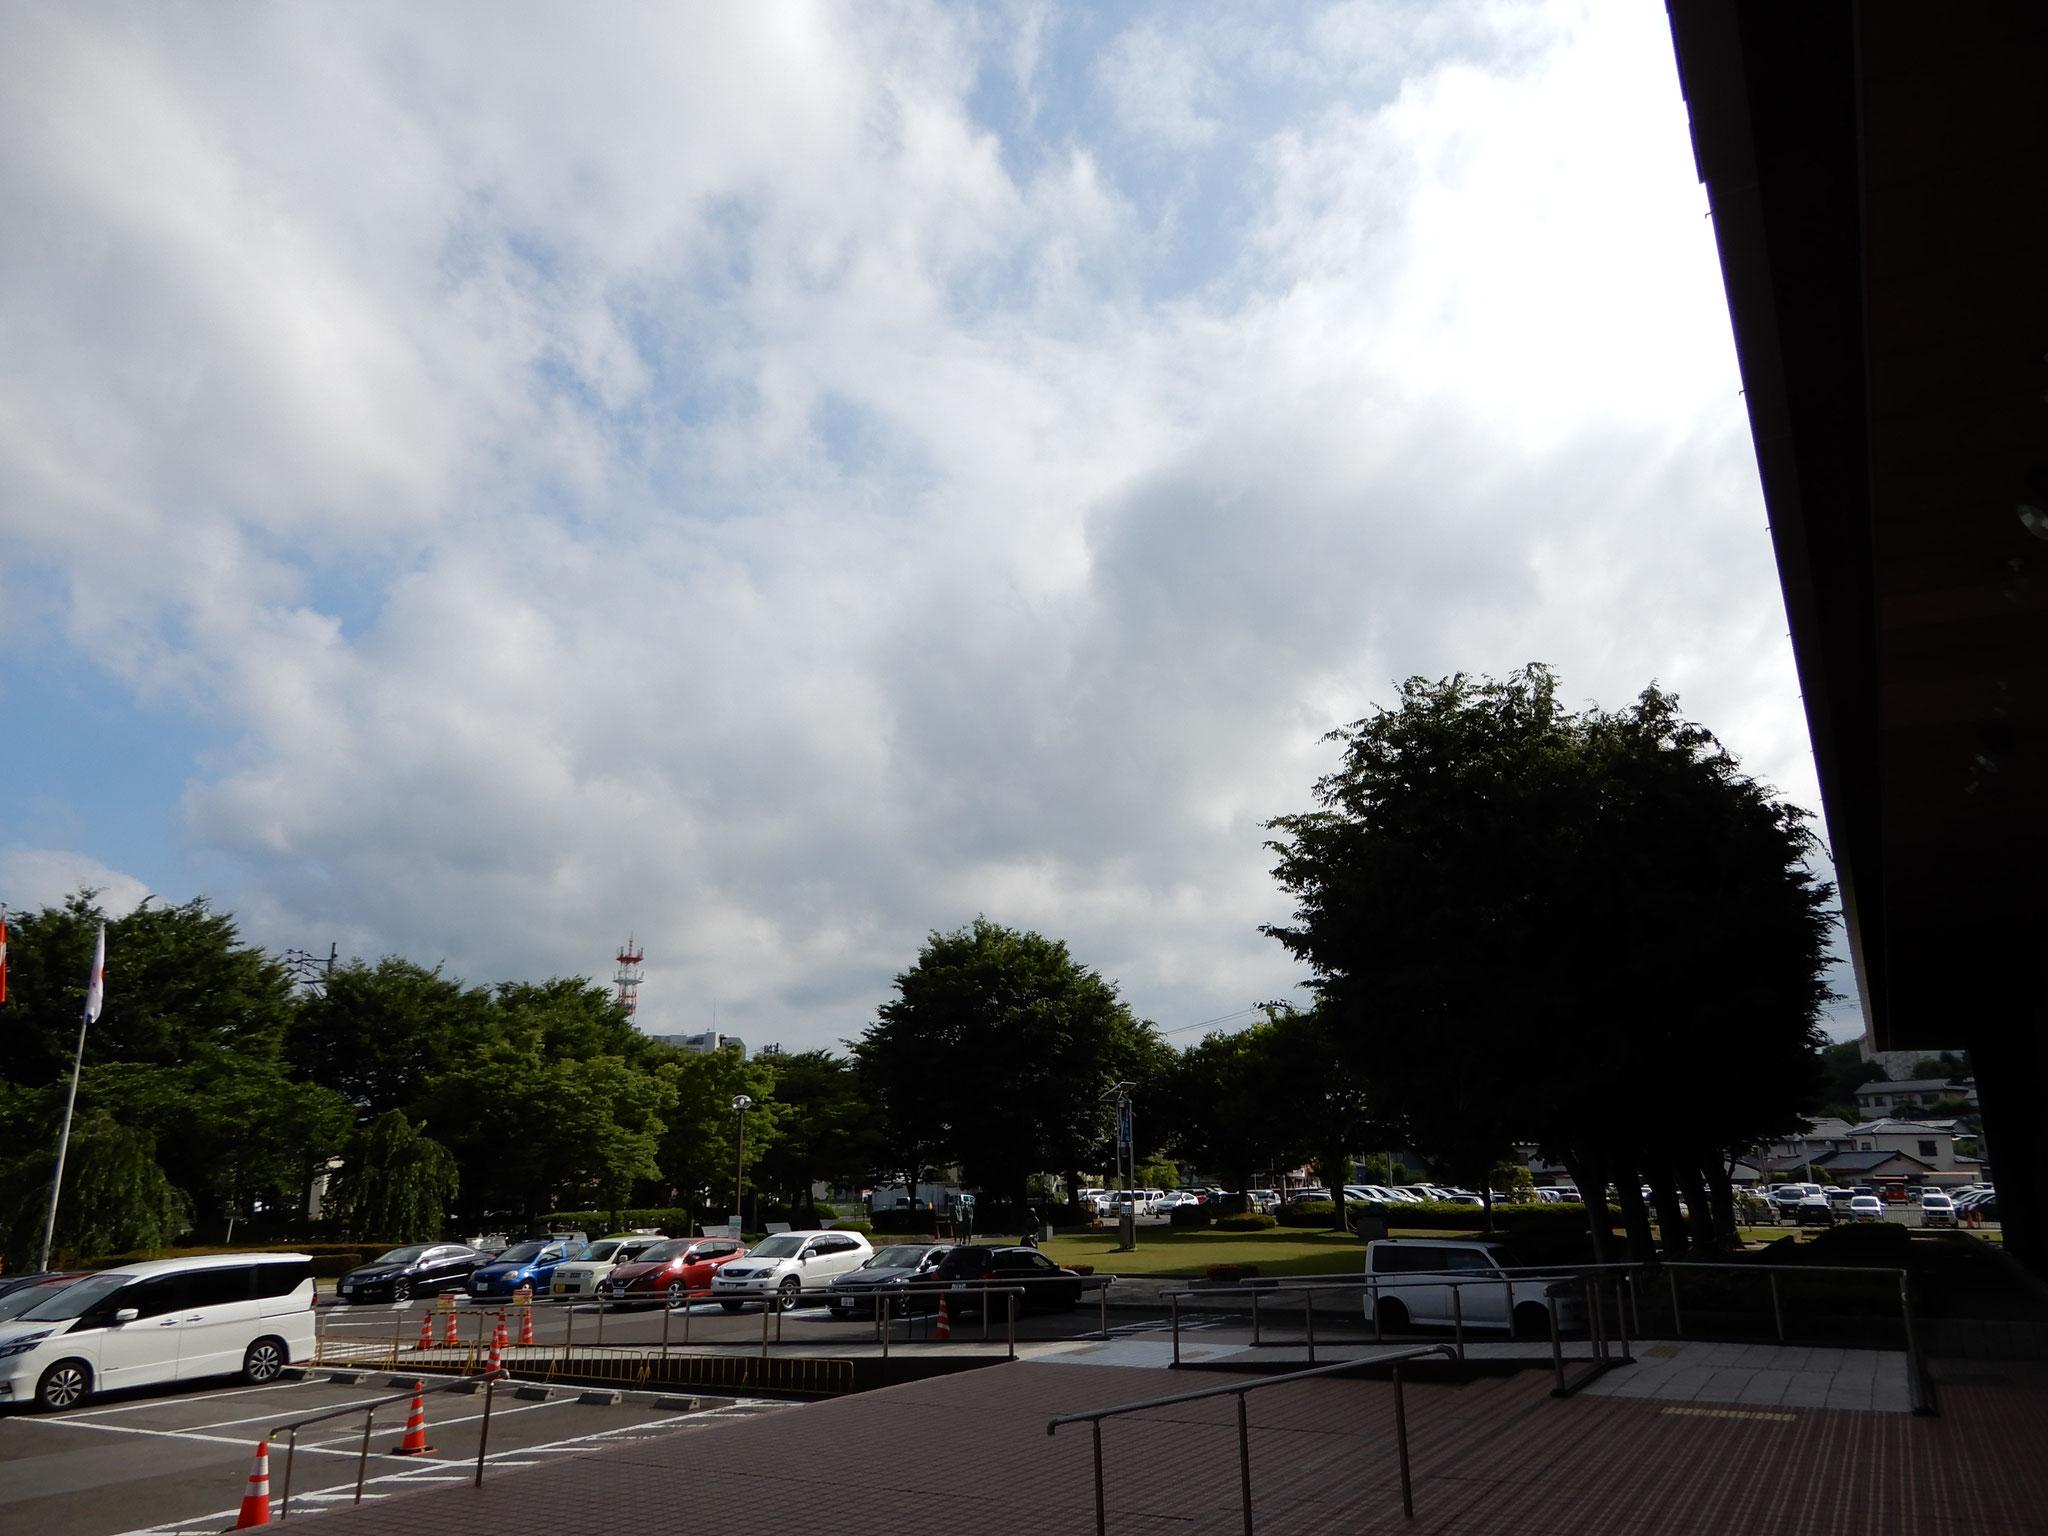 ここには写っていませんが、駐車場係のスタッフが駆け回ってくれています。今年は開演20分前には満車となってしまいました。